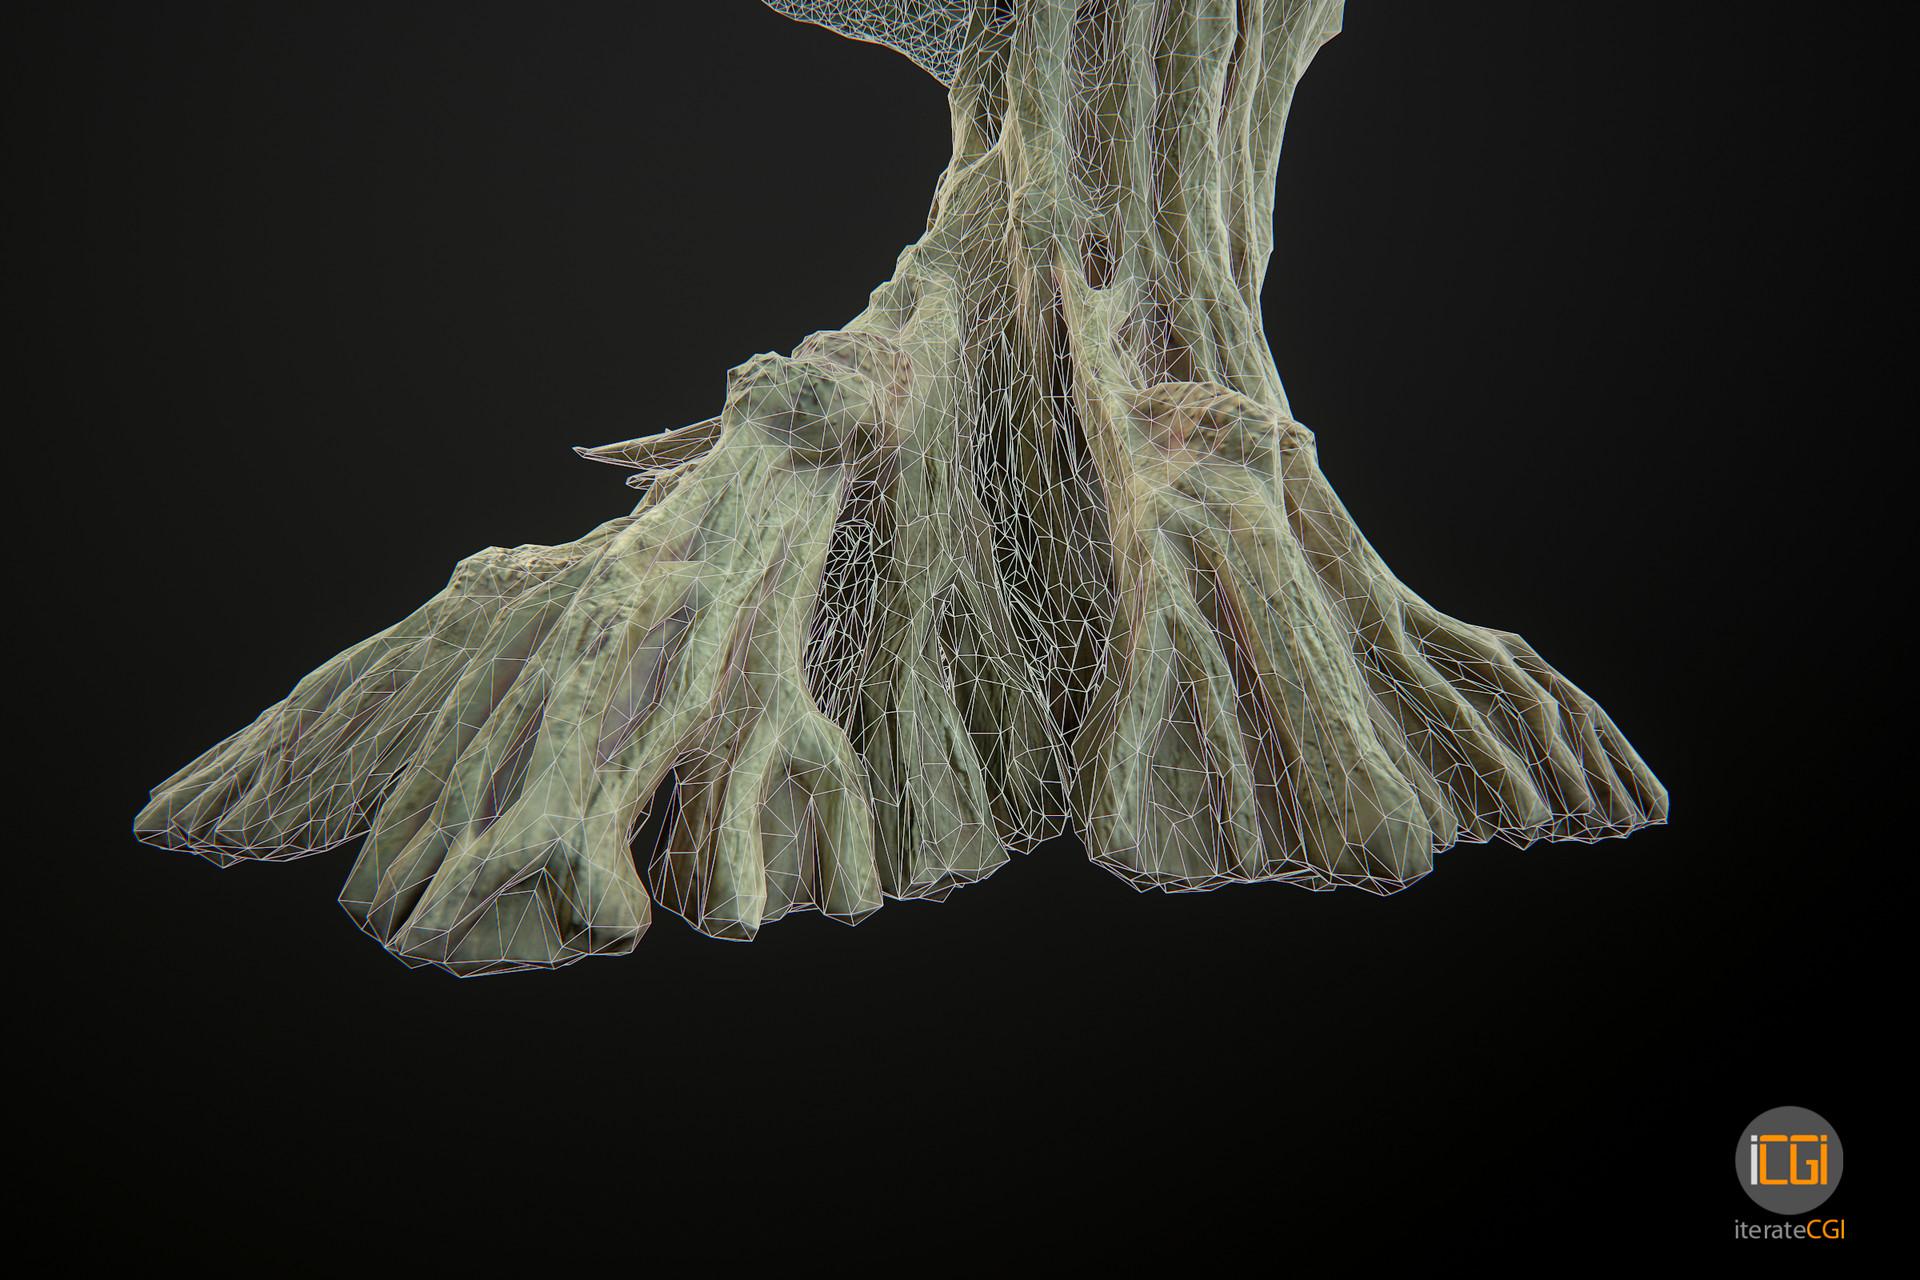 Johan de leenheer alien plant mushroom type2 18